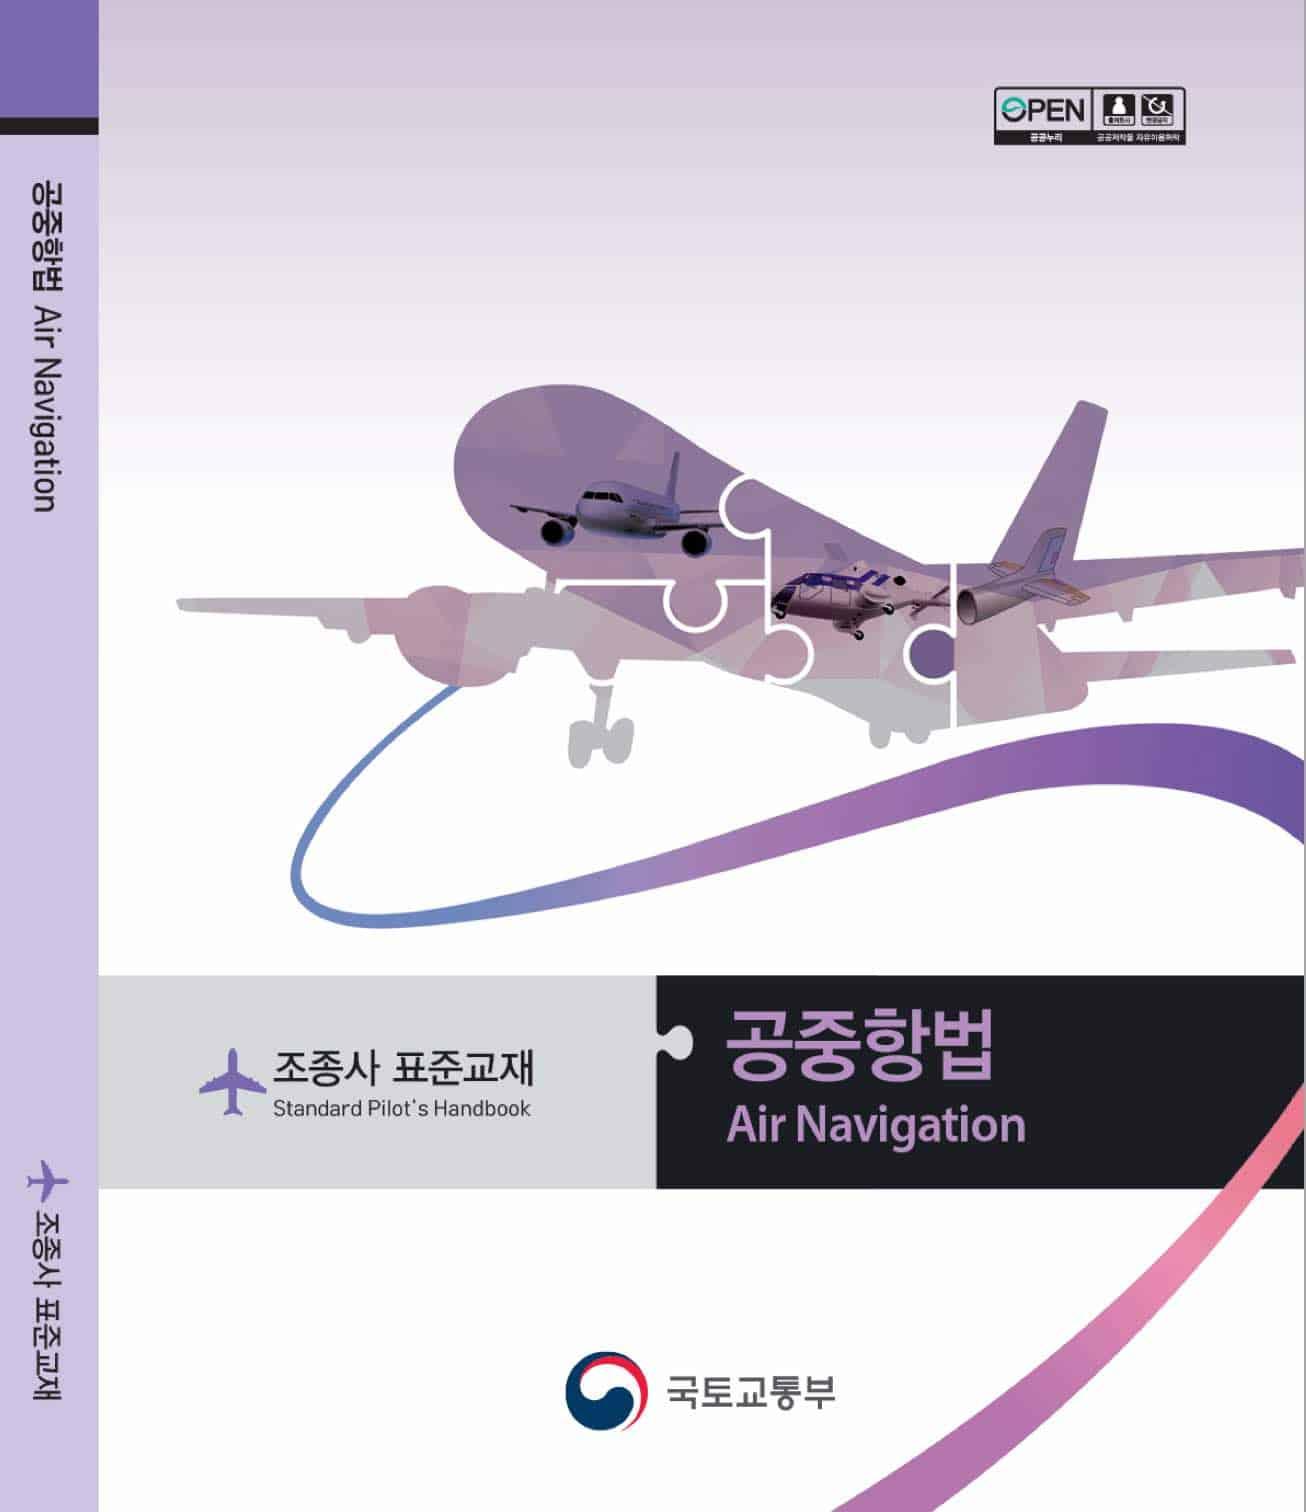 [국토부] 공중항법 조종사표준교재